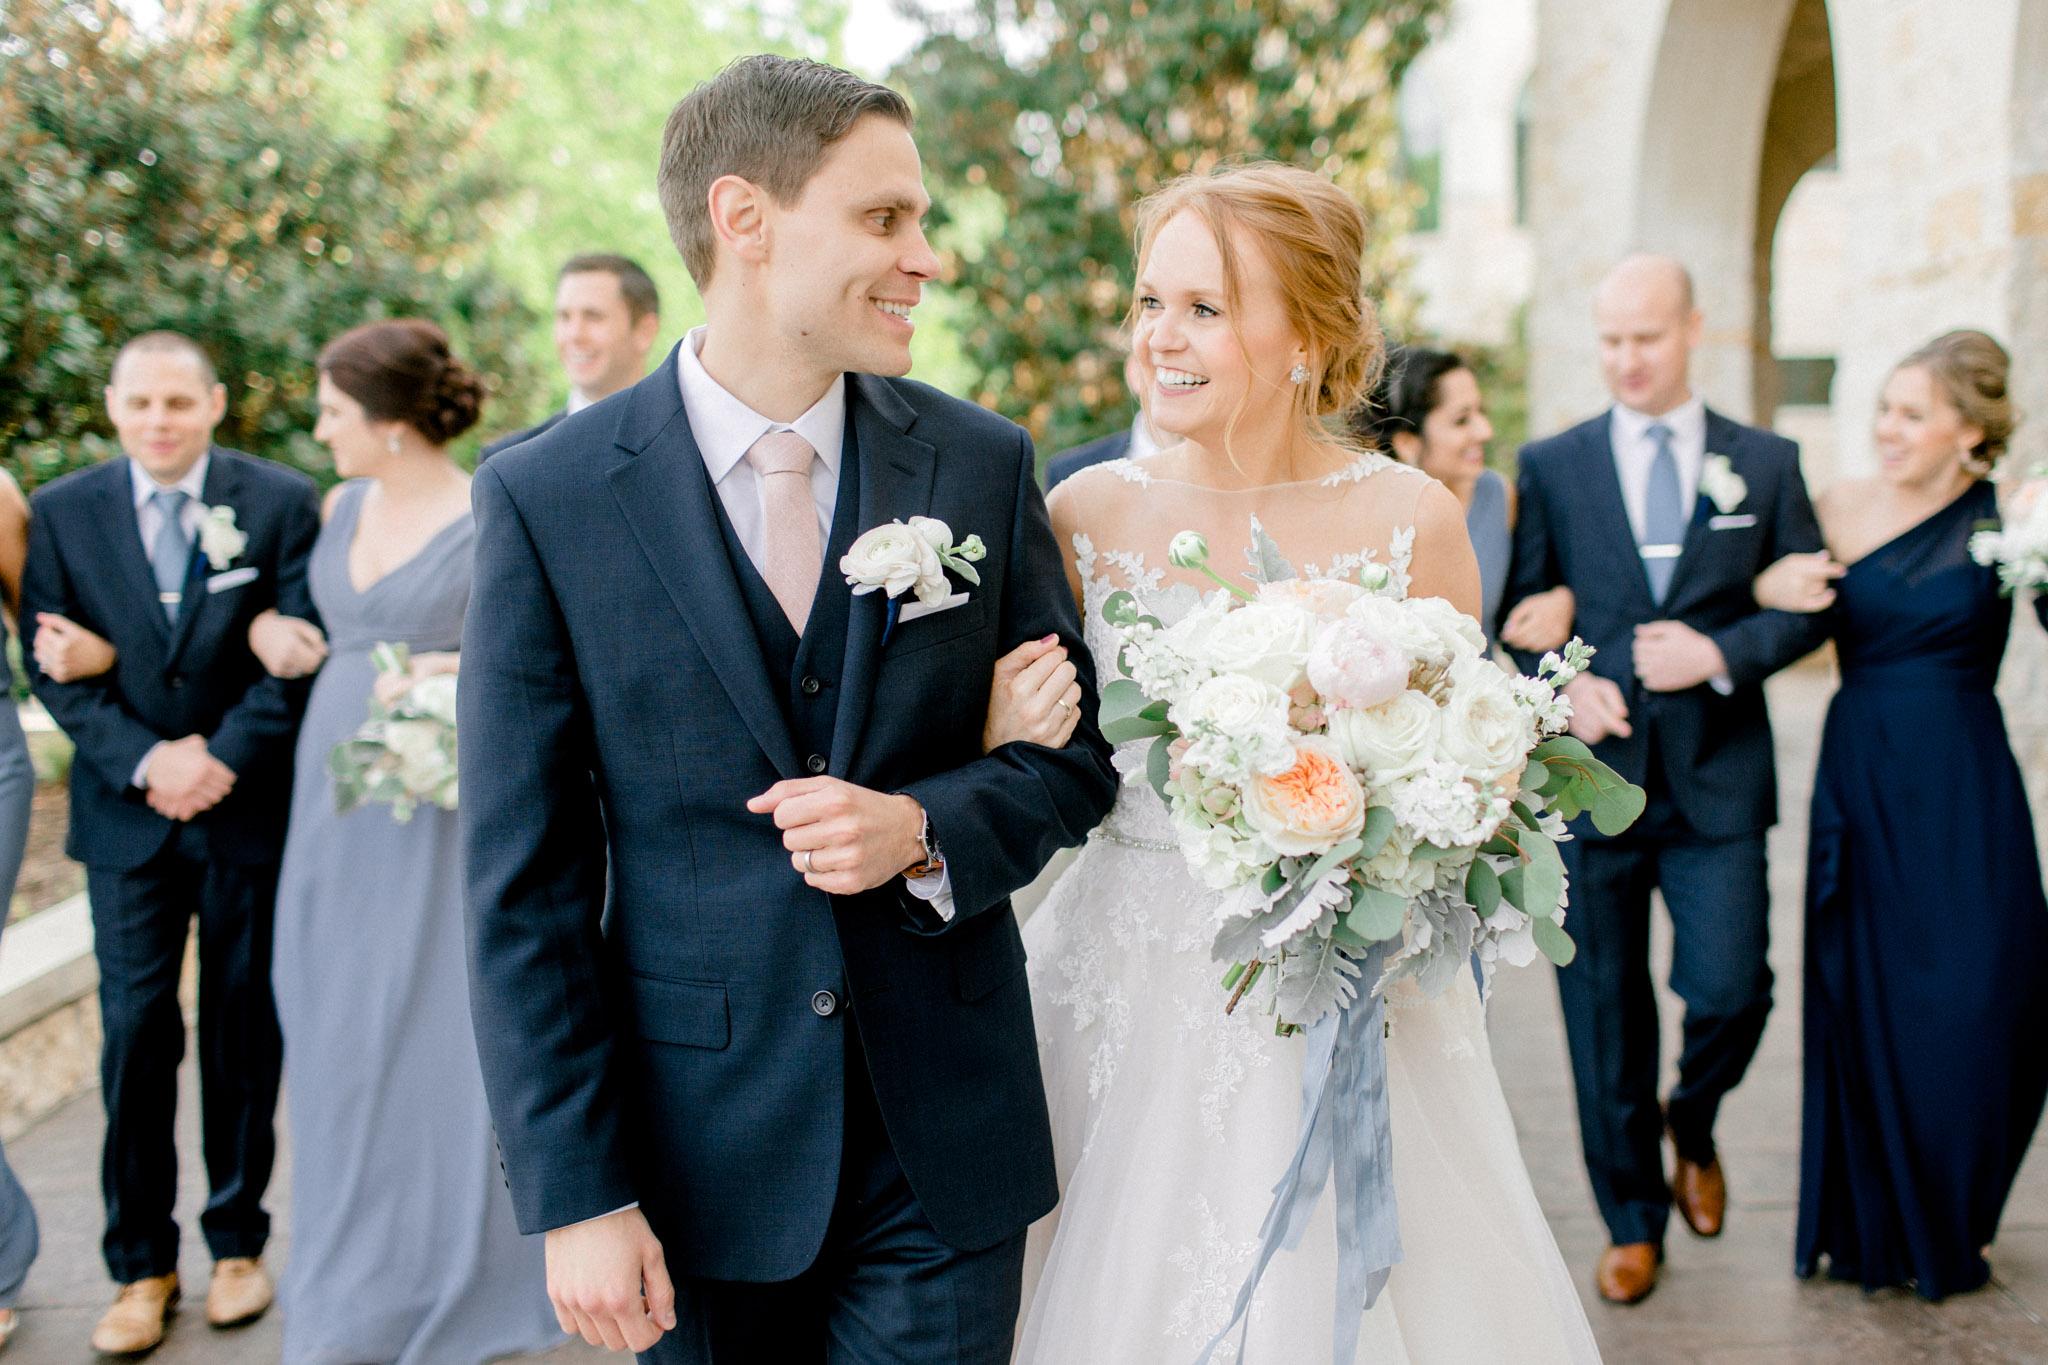 Christ Chapel Bible Church Wedding Photos - Timeless Photographer